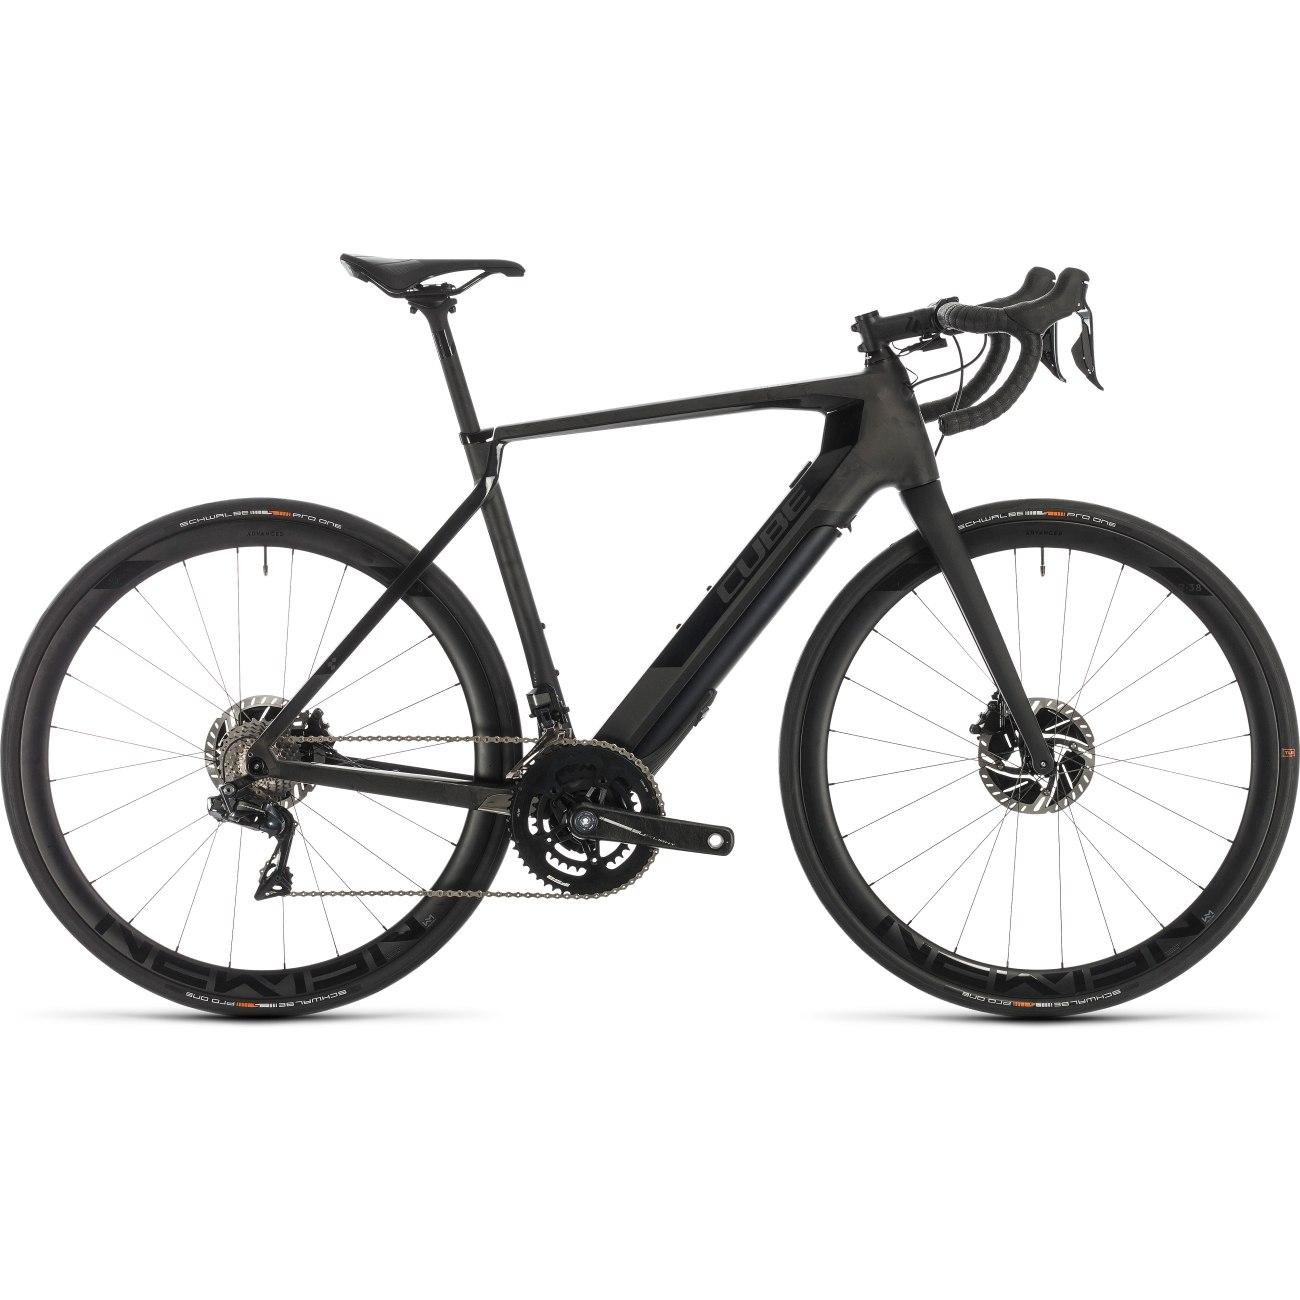 Produktbild von CUBE AGREE HYBRID C:62 SLT - Carbon Rennrad E-Bike - 2020 - black edition